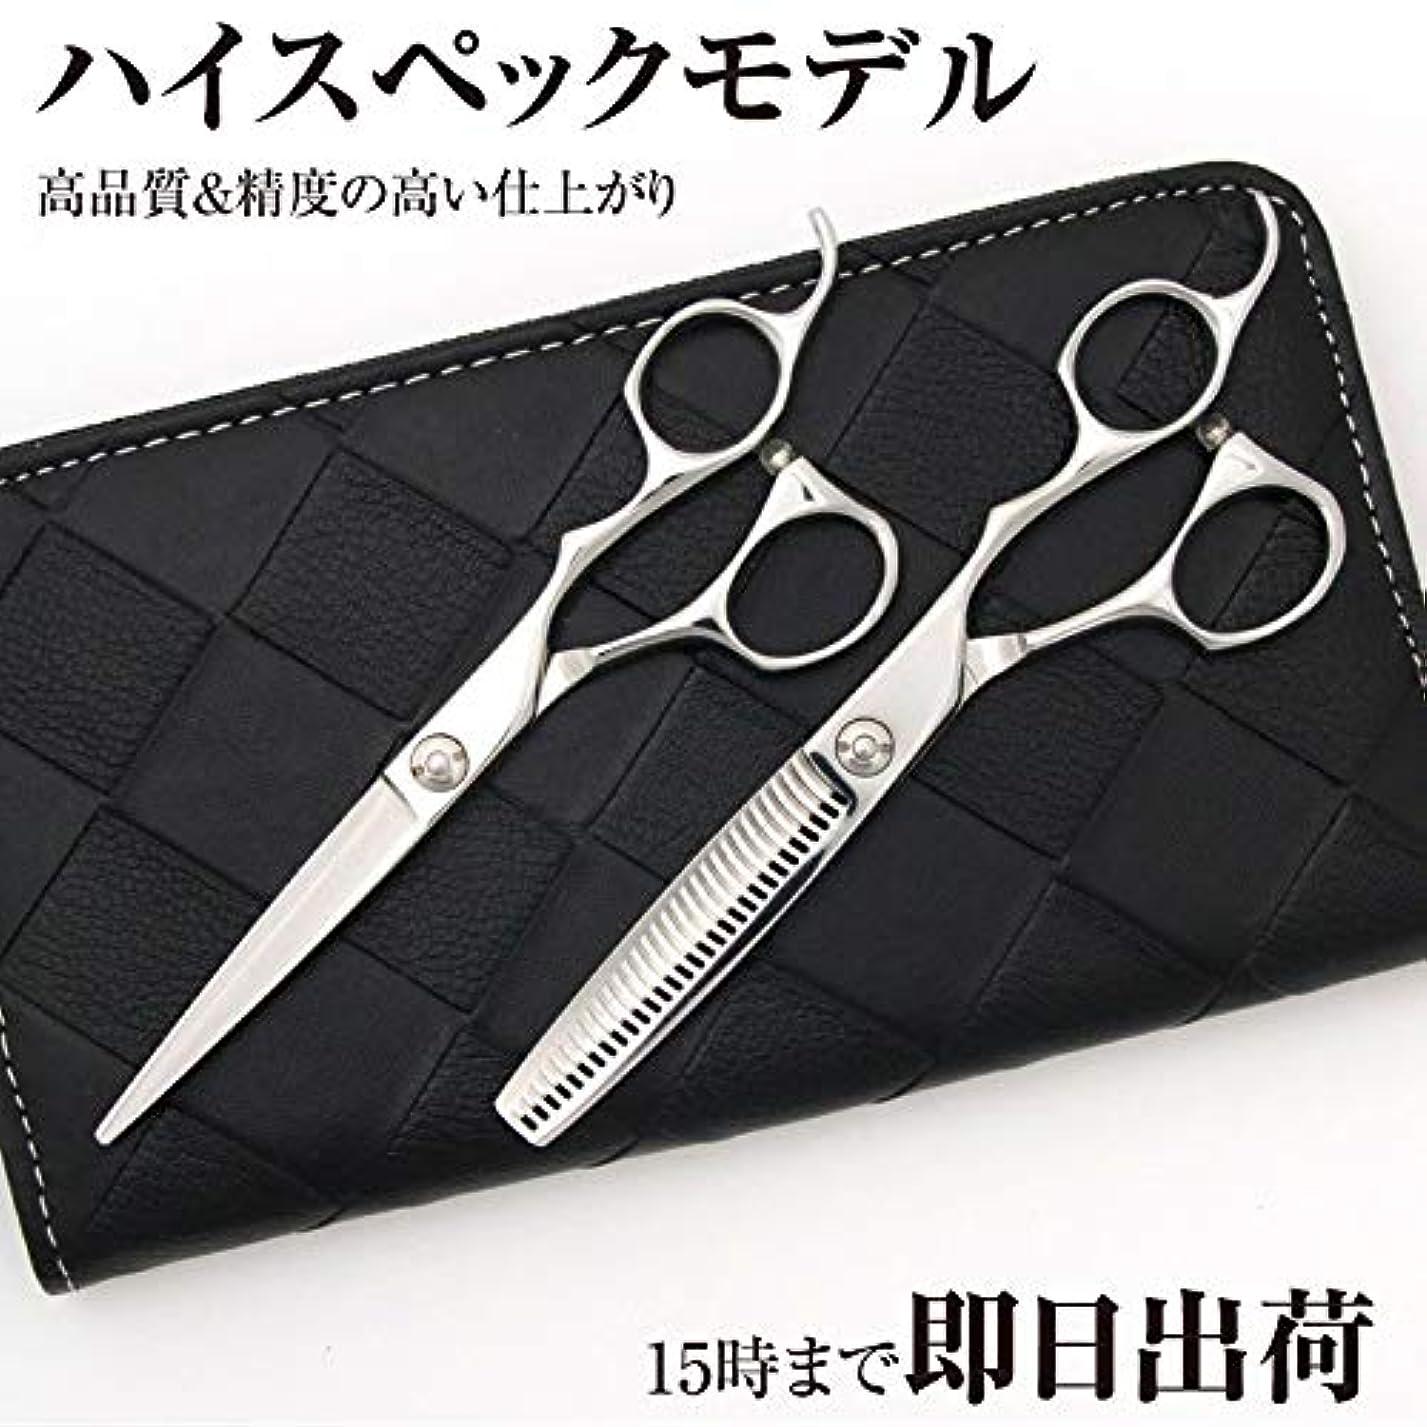 【PF】DEEDS 日本の鋏専門メーカー GUZ シザー?セニング?専用ケース セット(6.0インチ) 美容師 ヘアカット プロ用